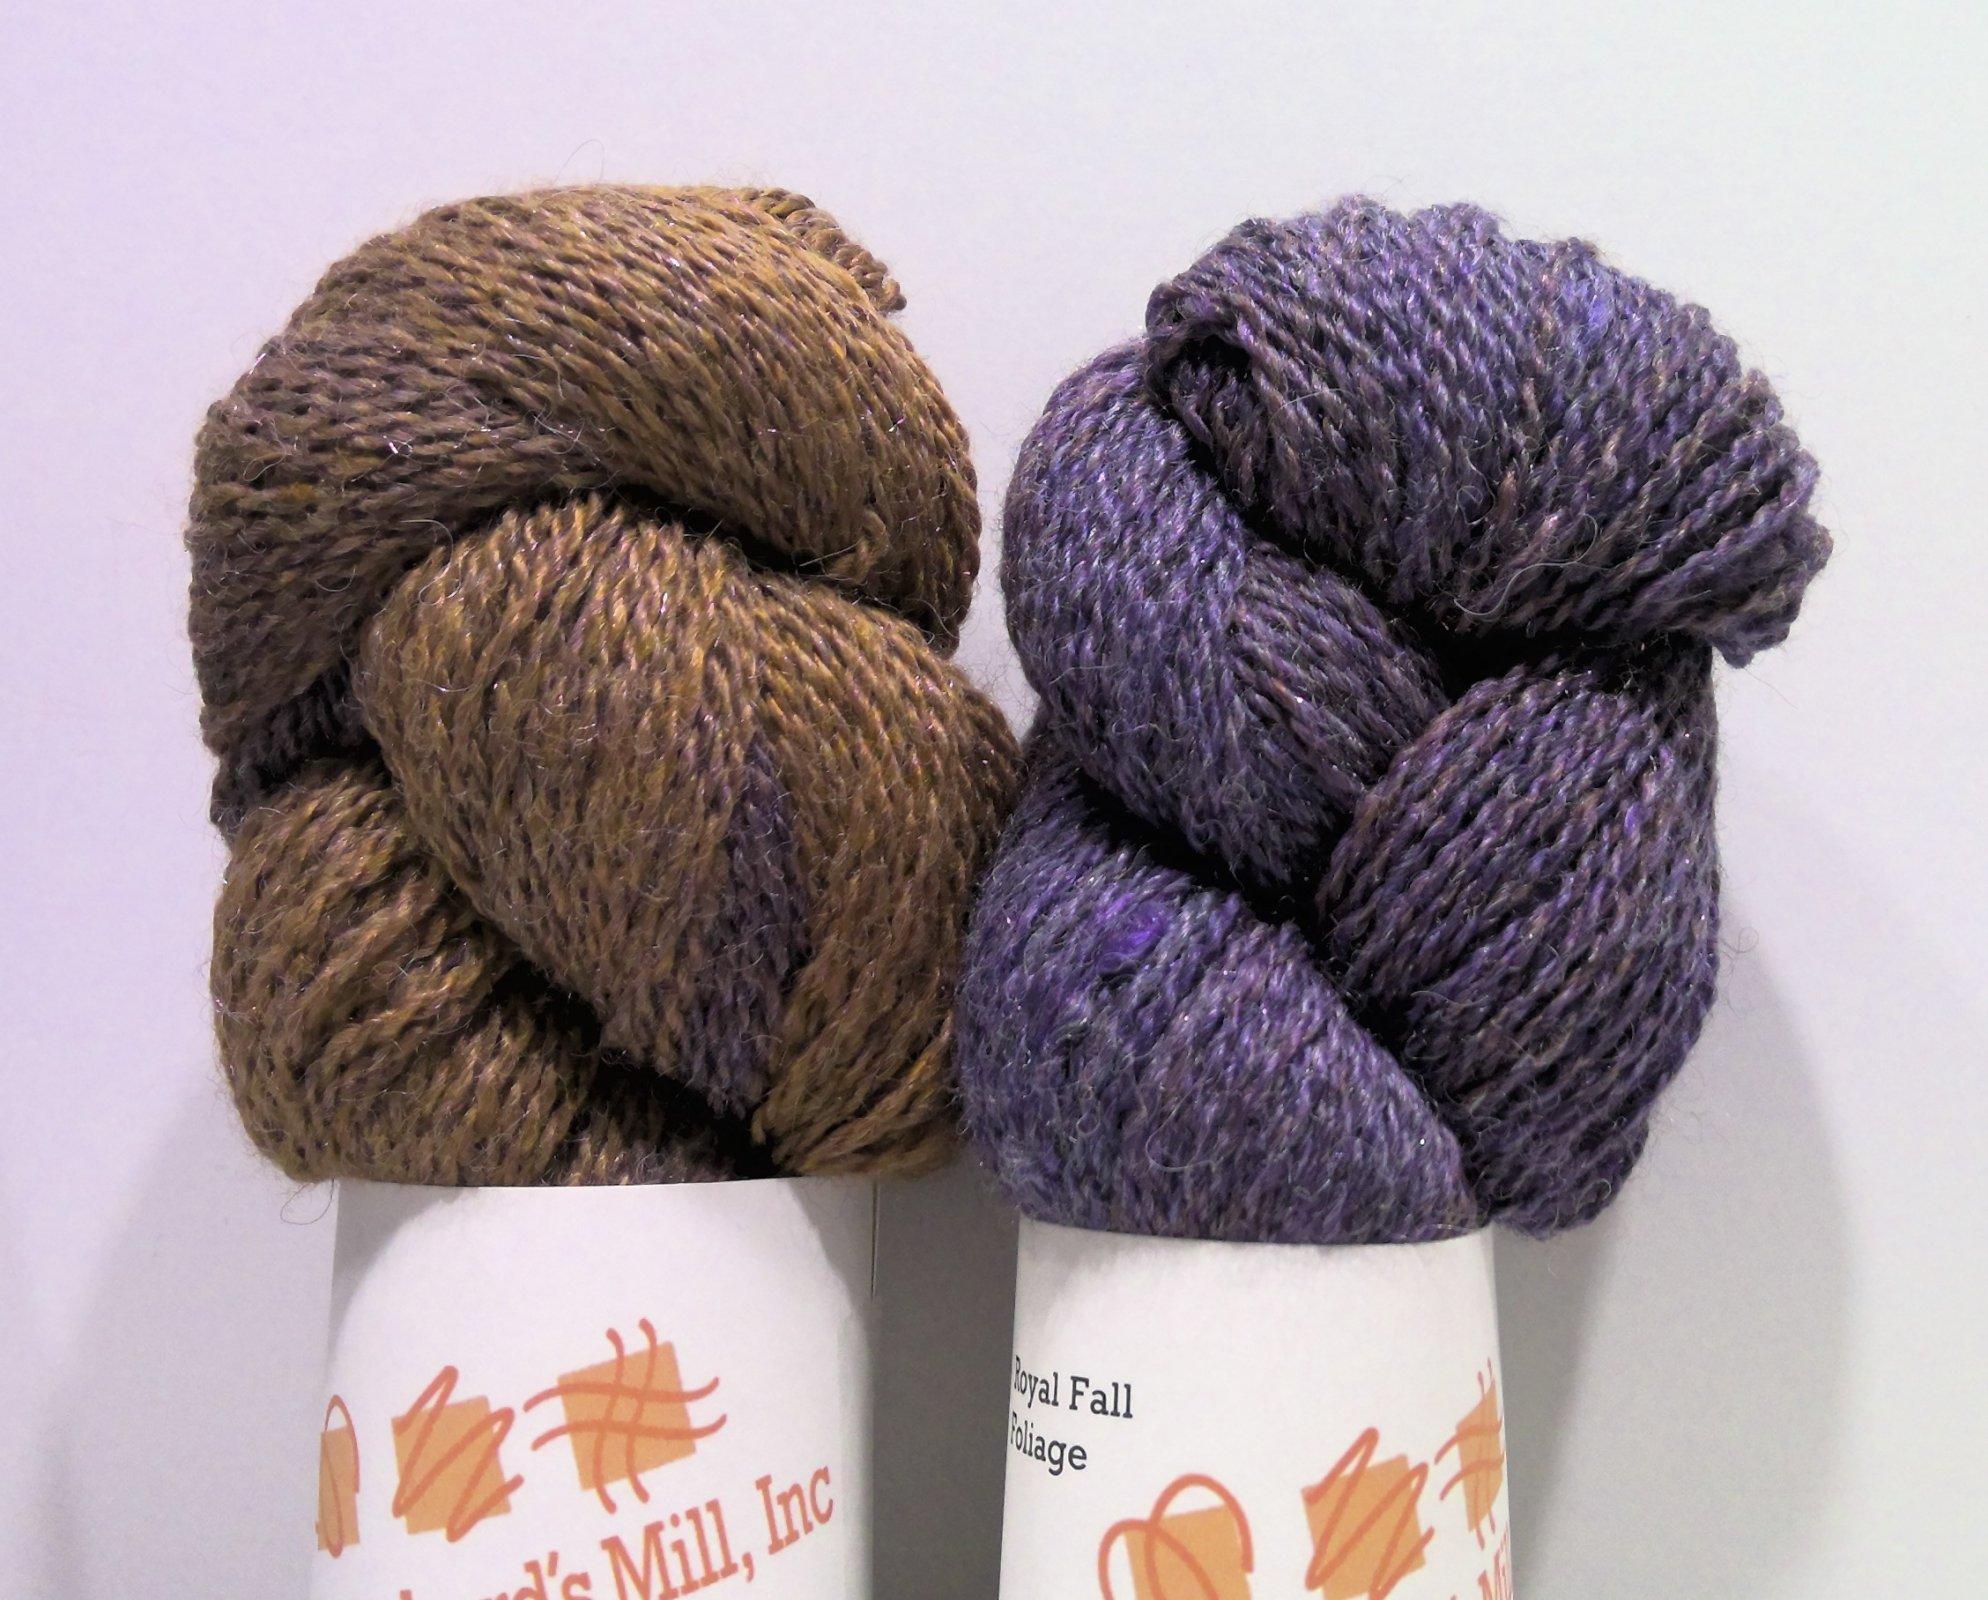 Royal Fall Foliage Gradient Yarn - 2720